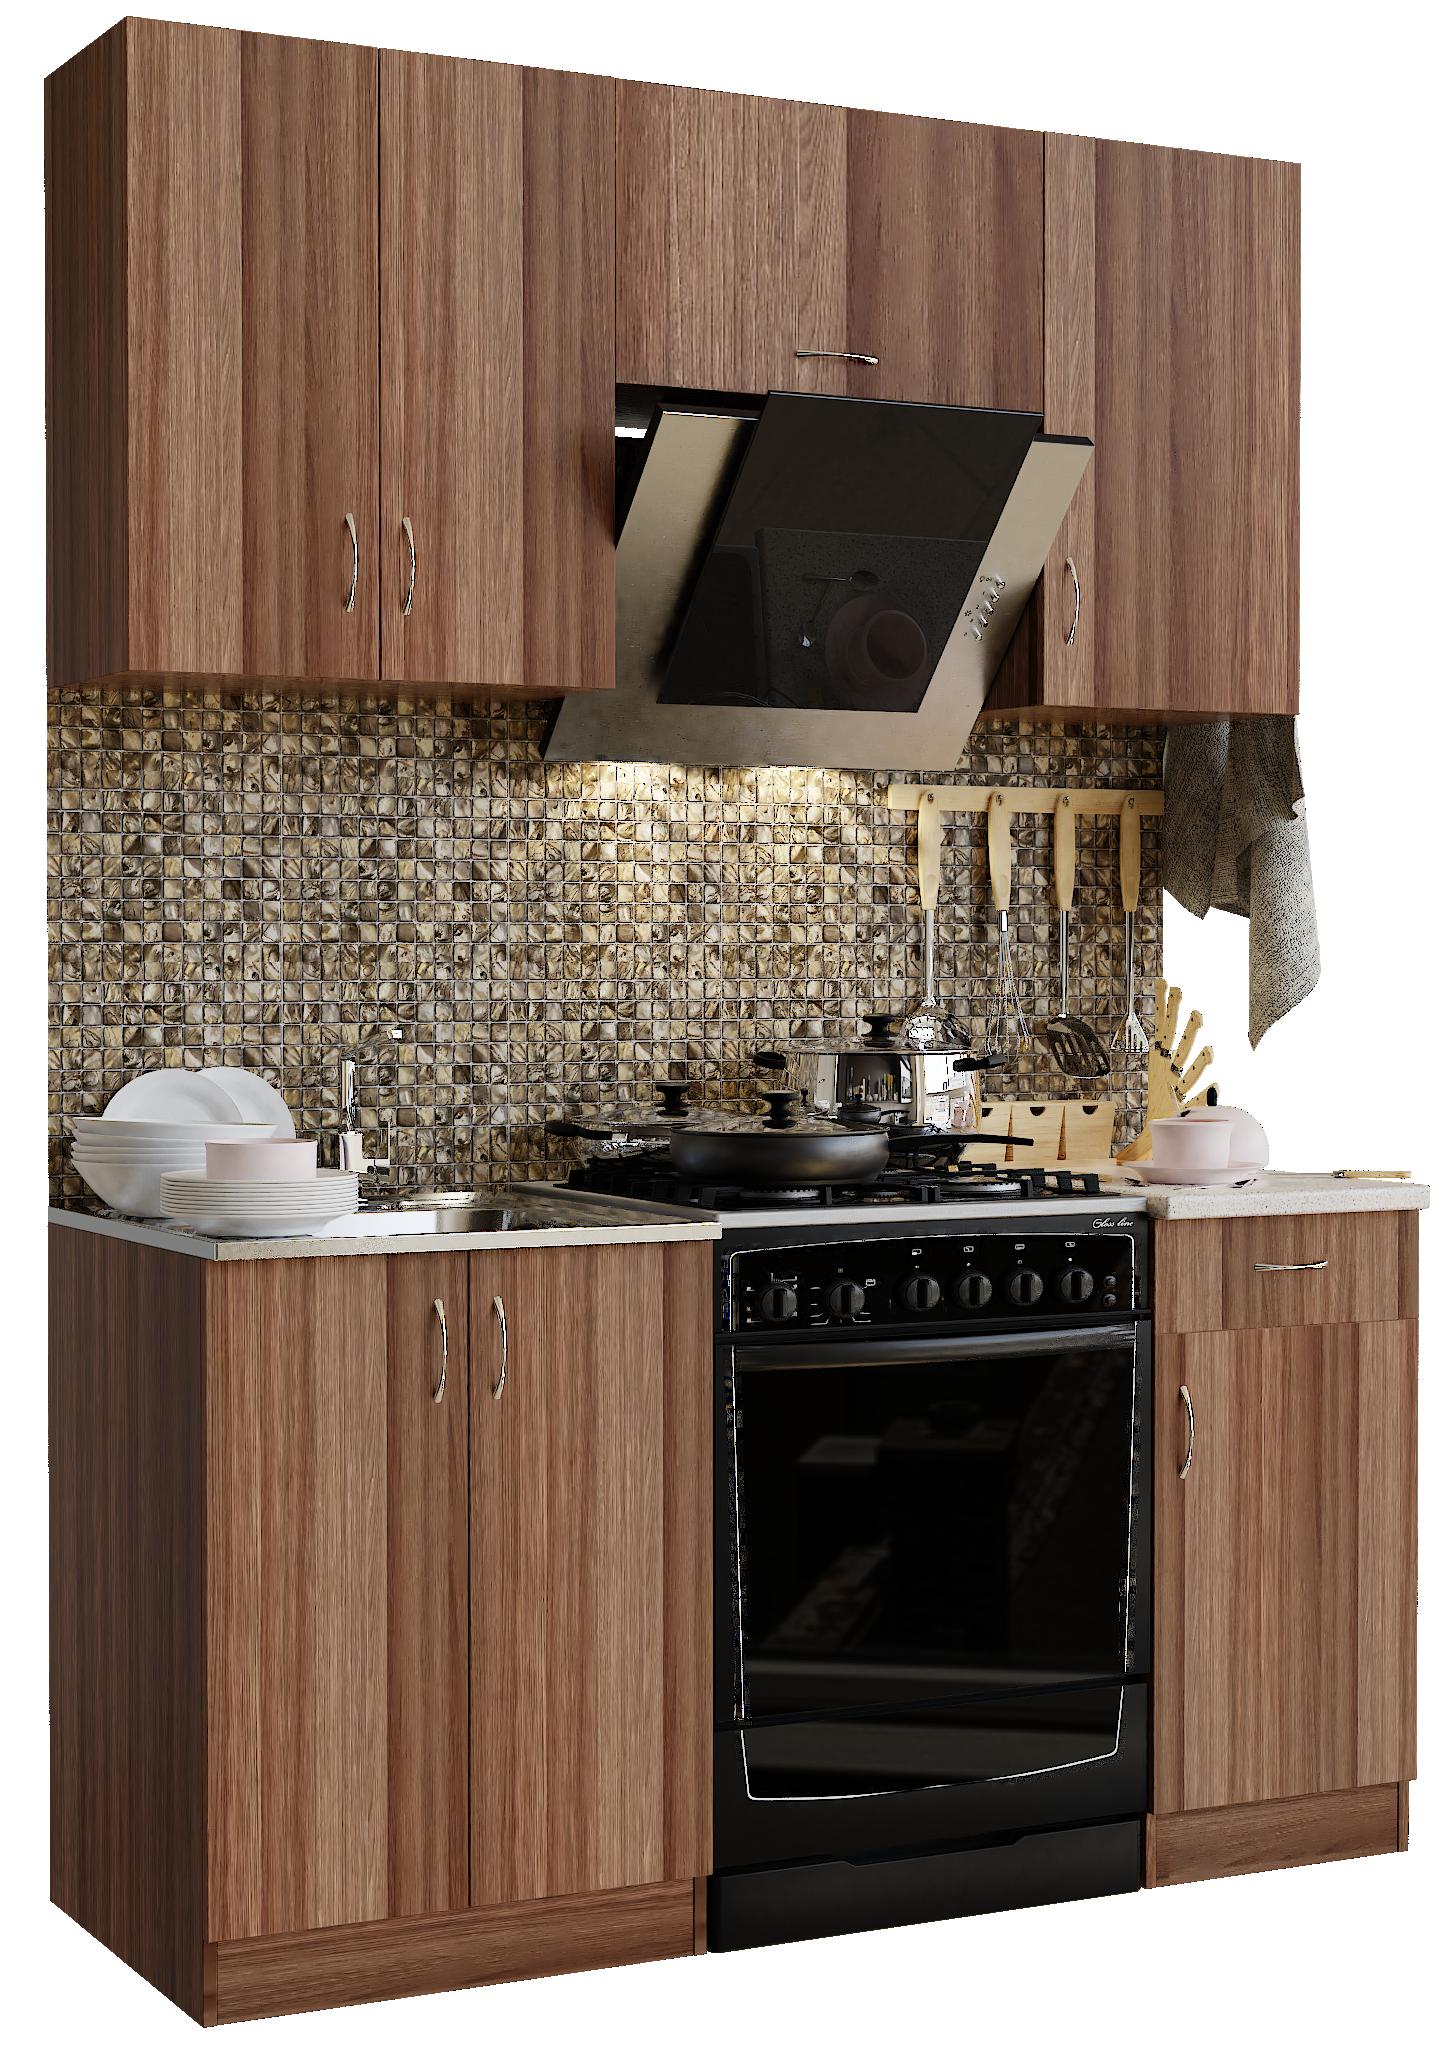 Кухонный гарнитур Sanvut ГК1600 - 2.2.2 Ясень шимо темный